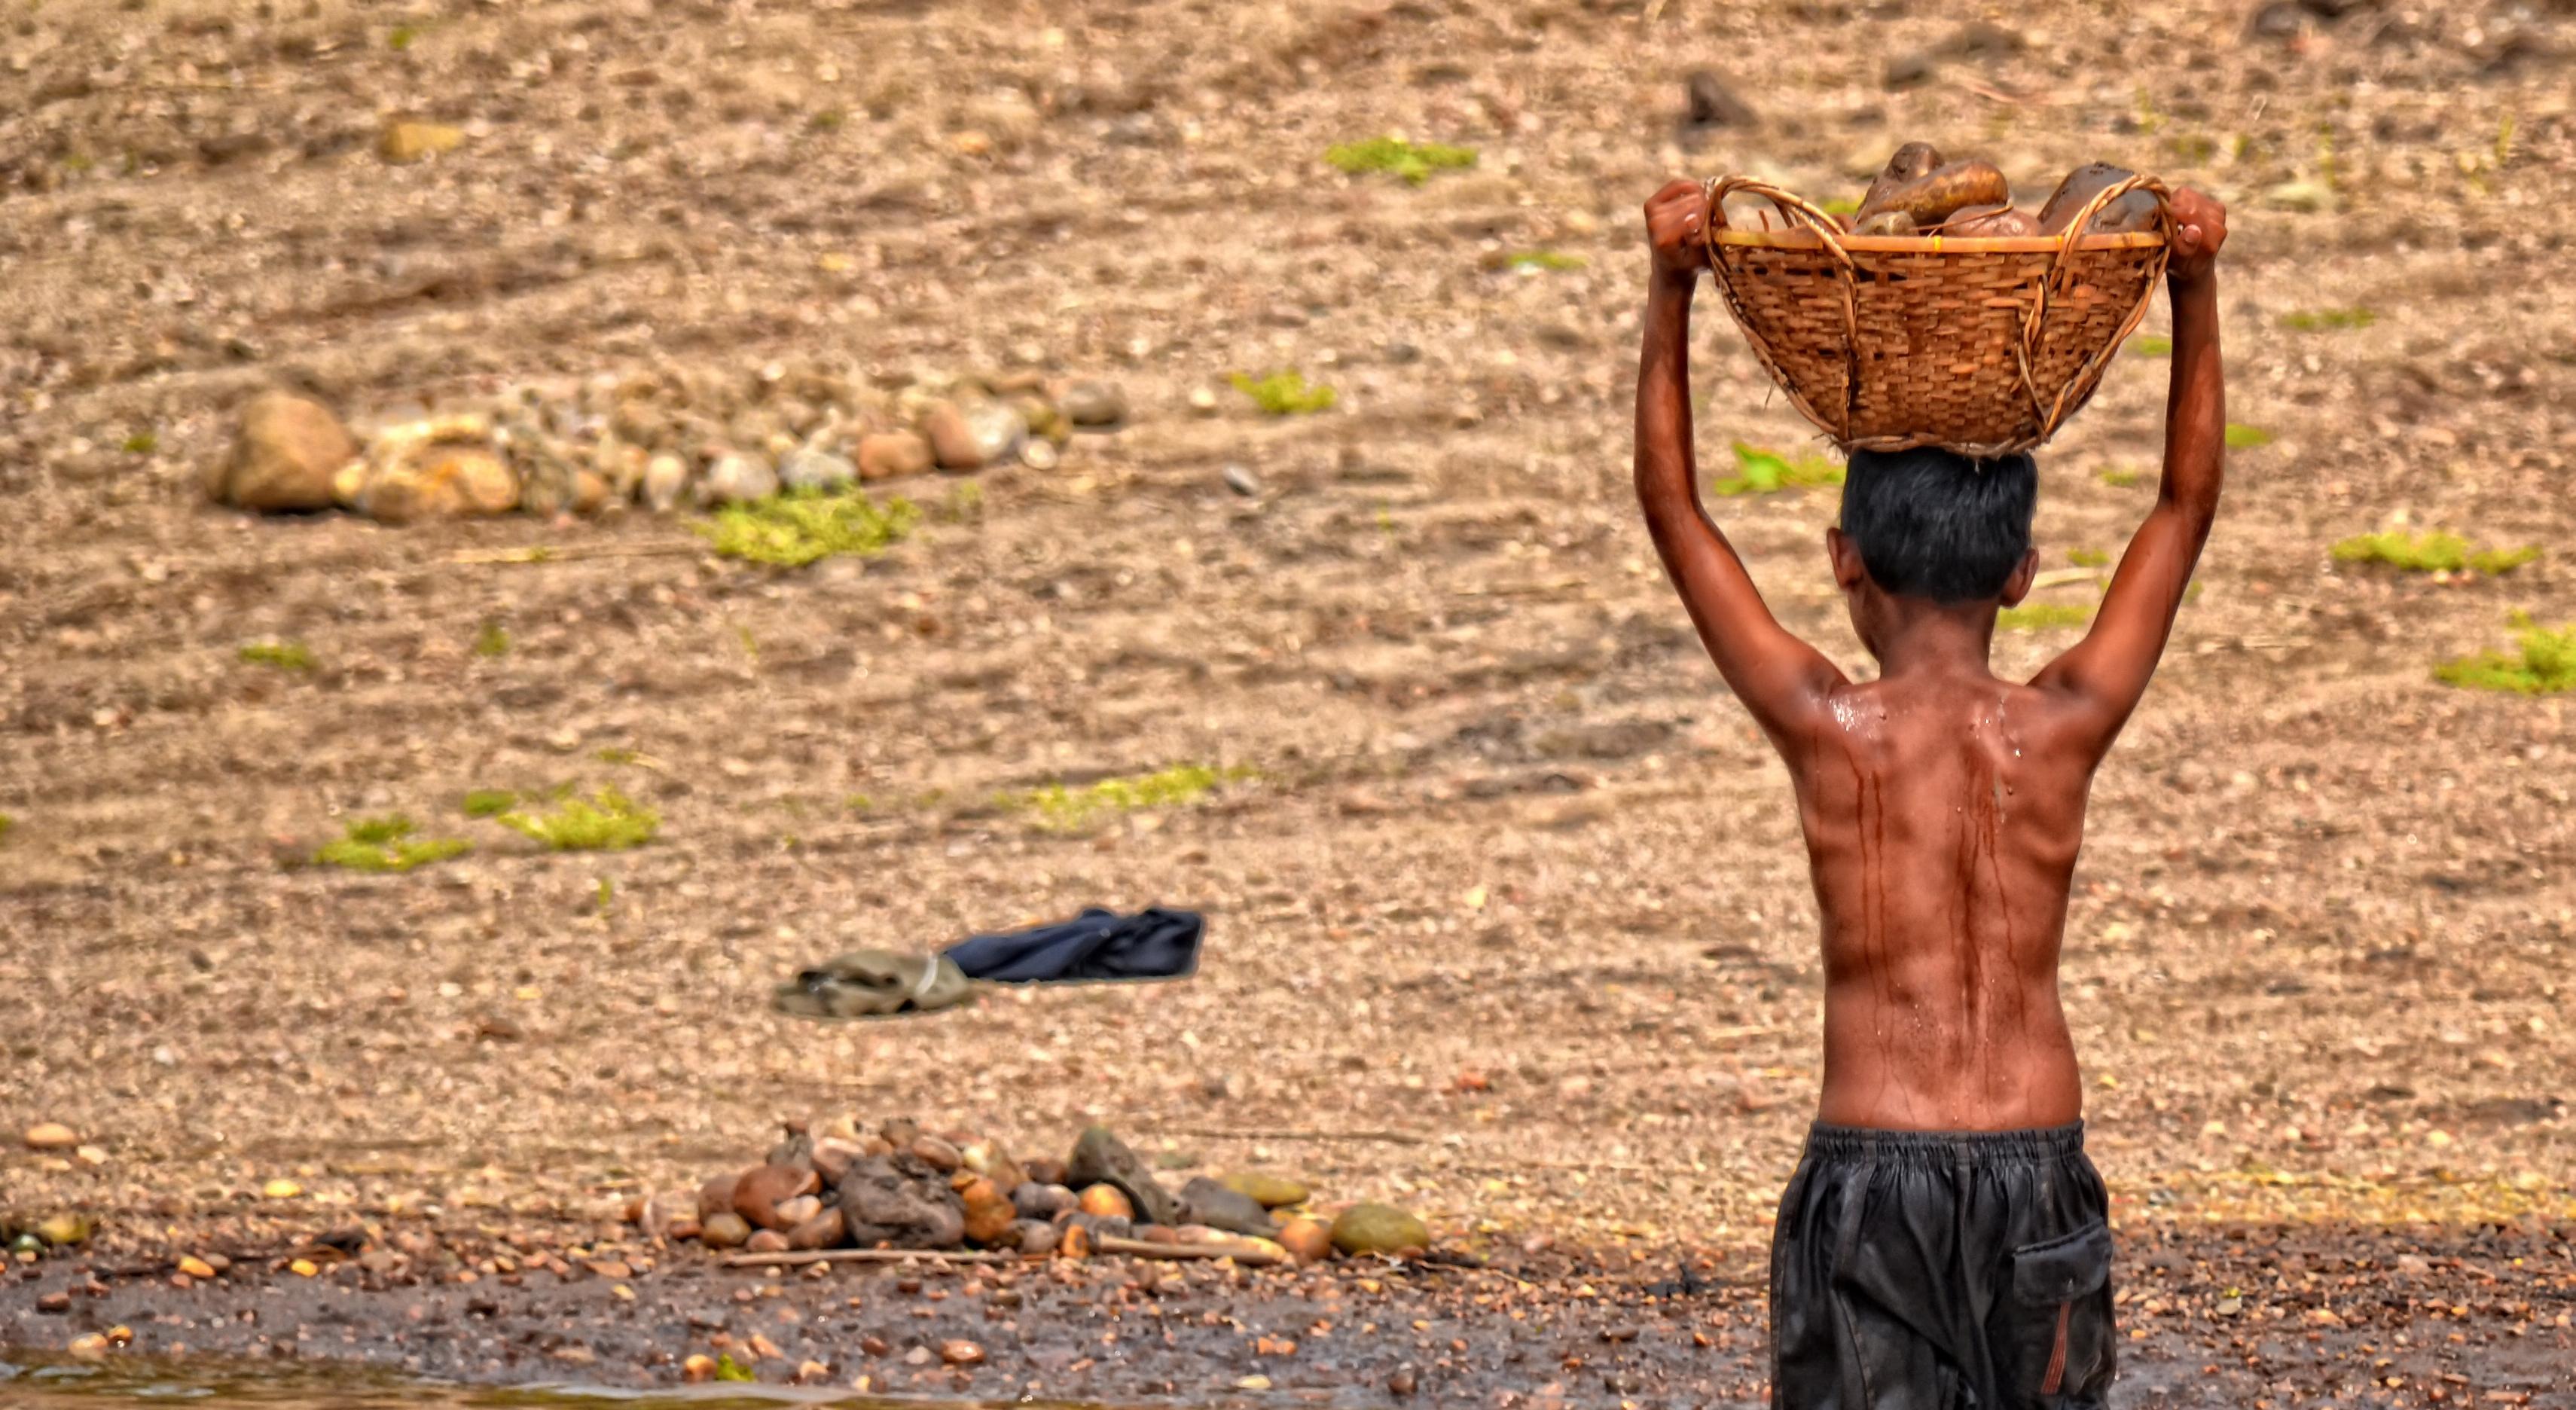 Ein Junge in Bangladesch transportiert einen mit Steinen gefüllten Korb.